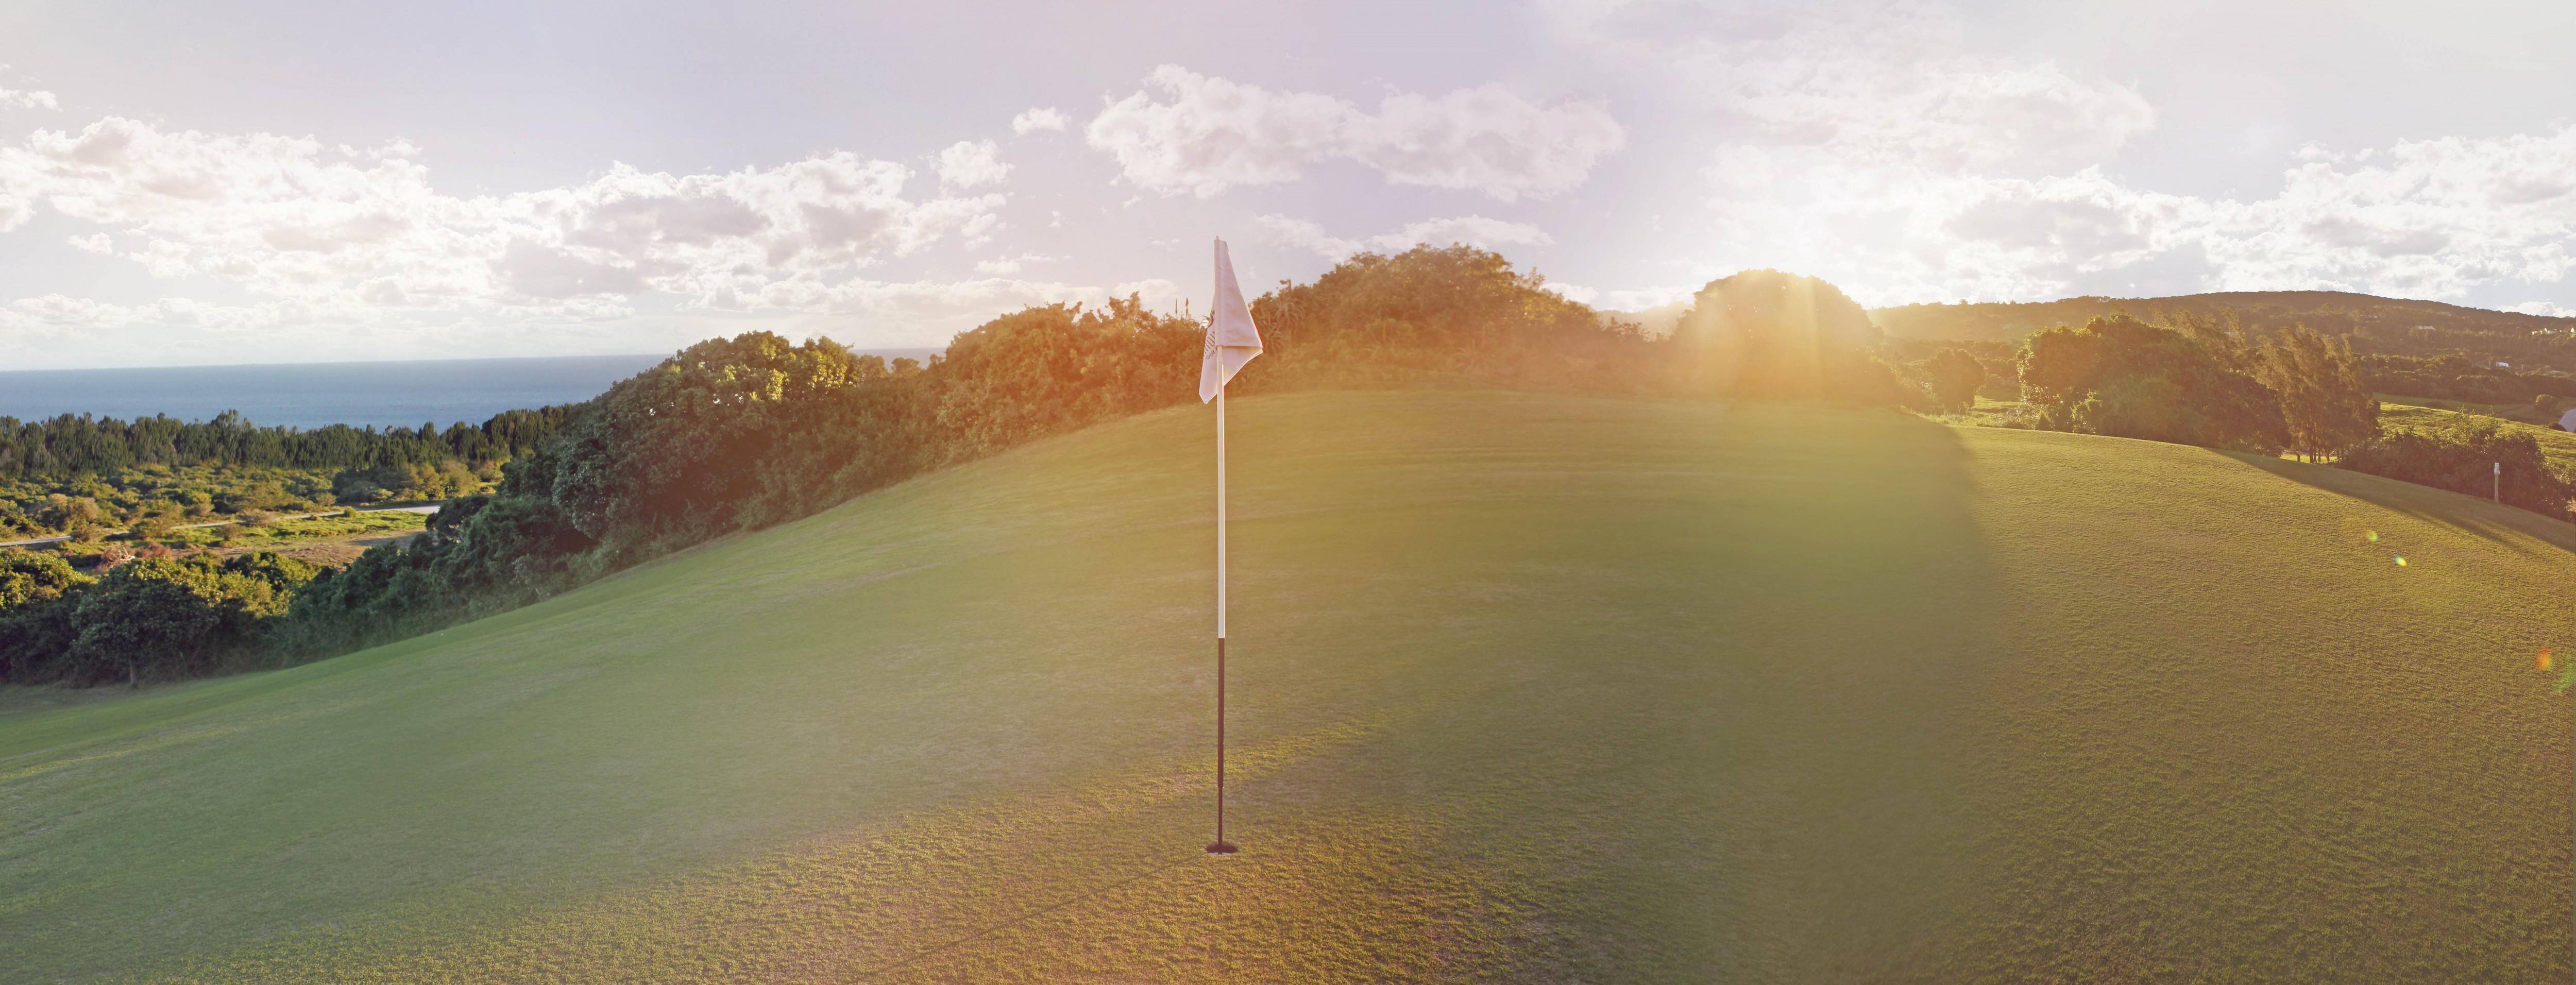 Golf-course-4-e1441011604367